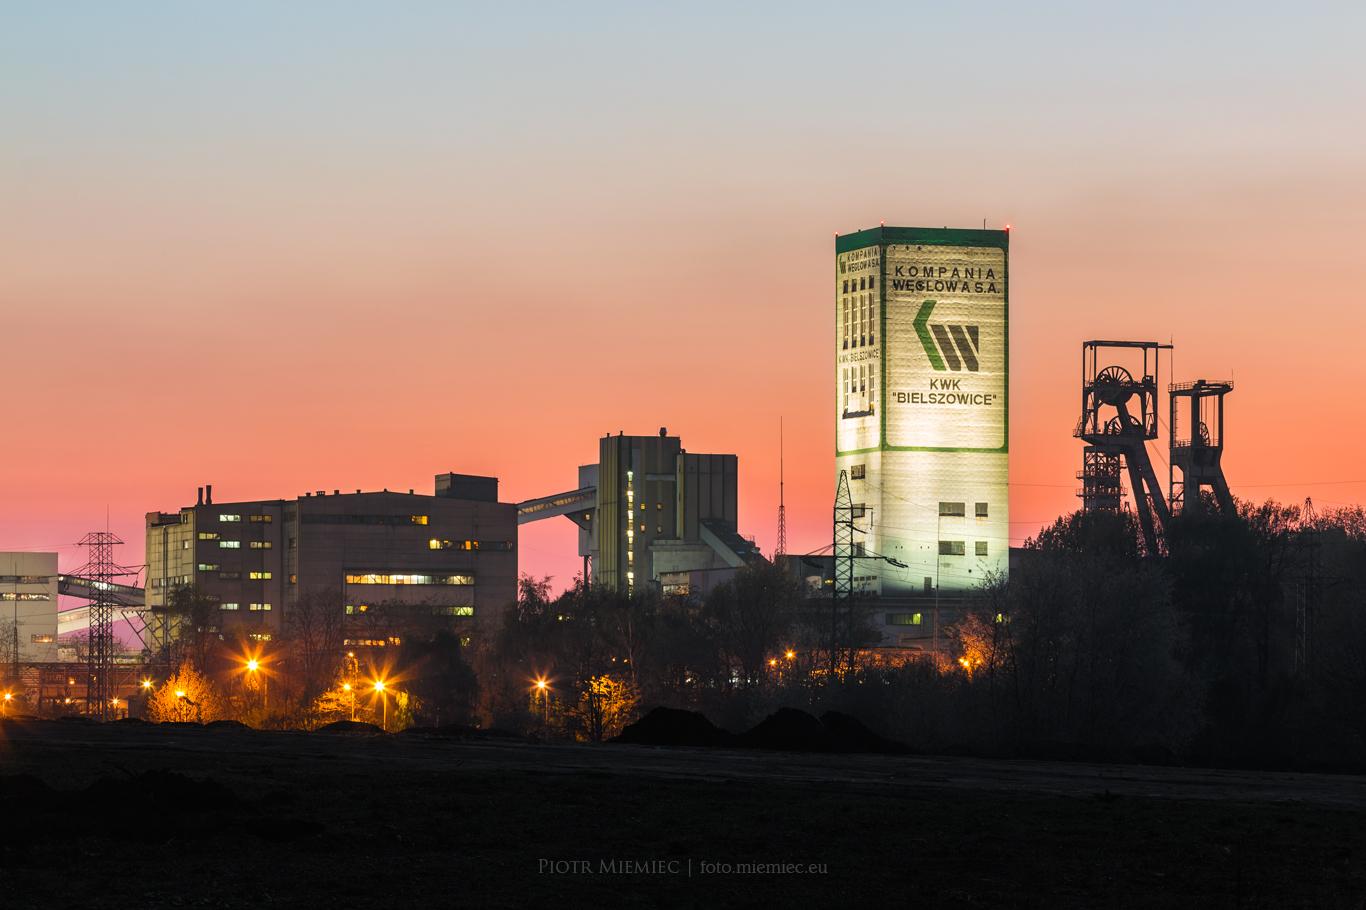 KWK Bielszowice